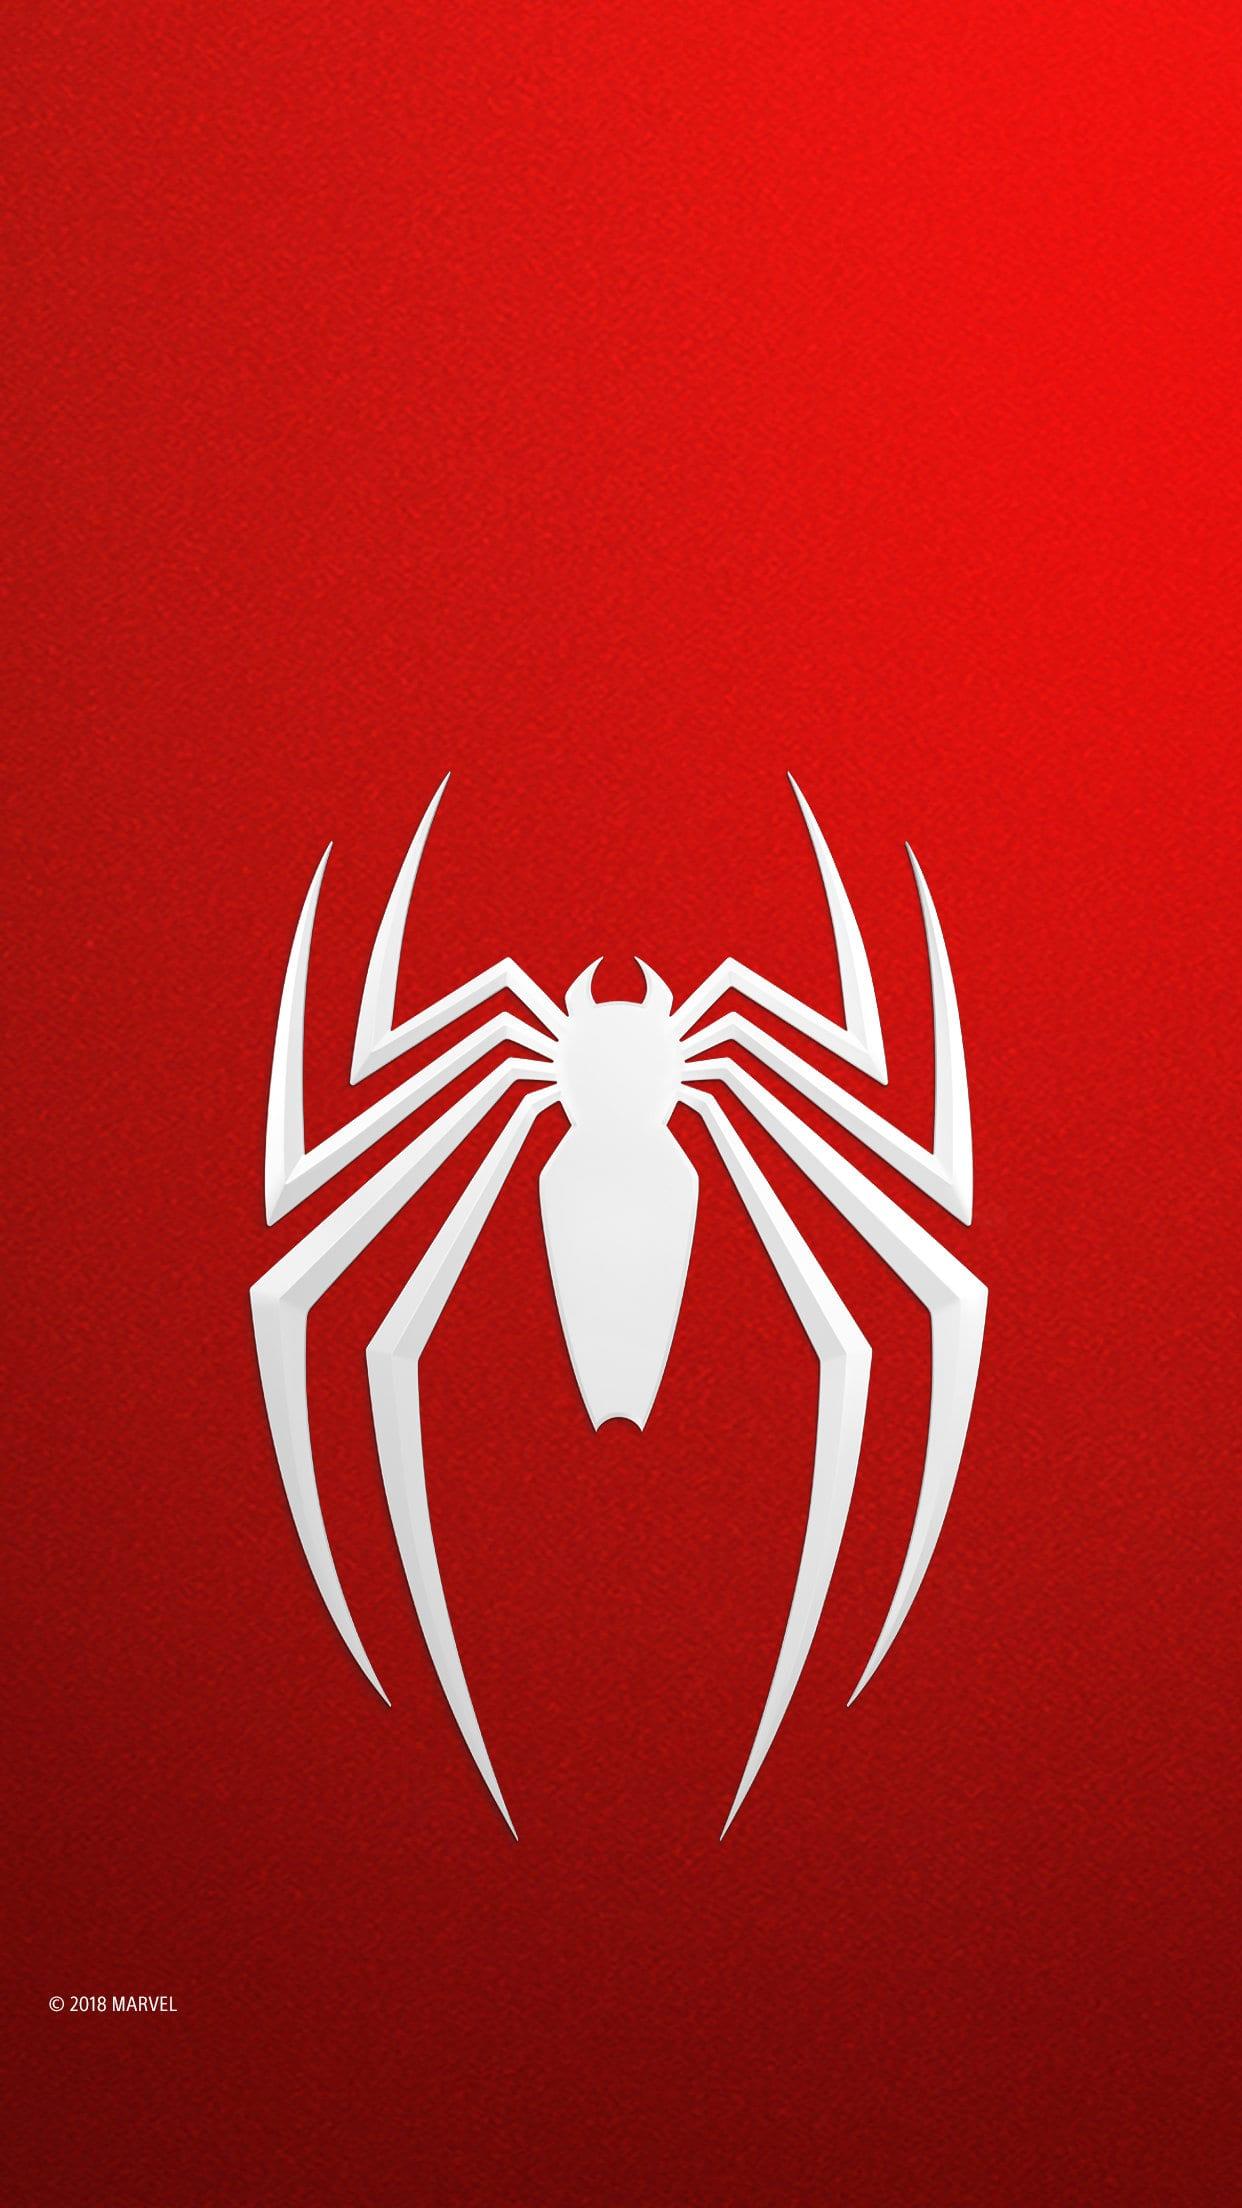 Scarica Gli Sfondi Ufficiali Di Marvels Spider Man Da Oggi